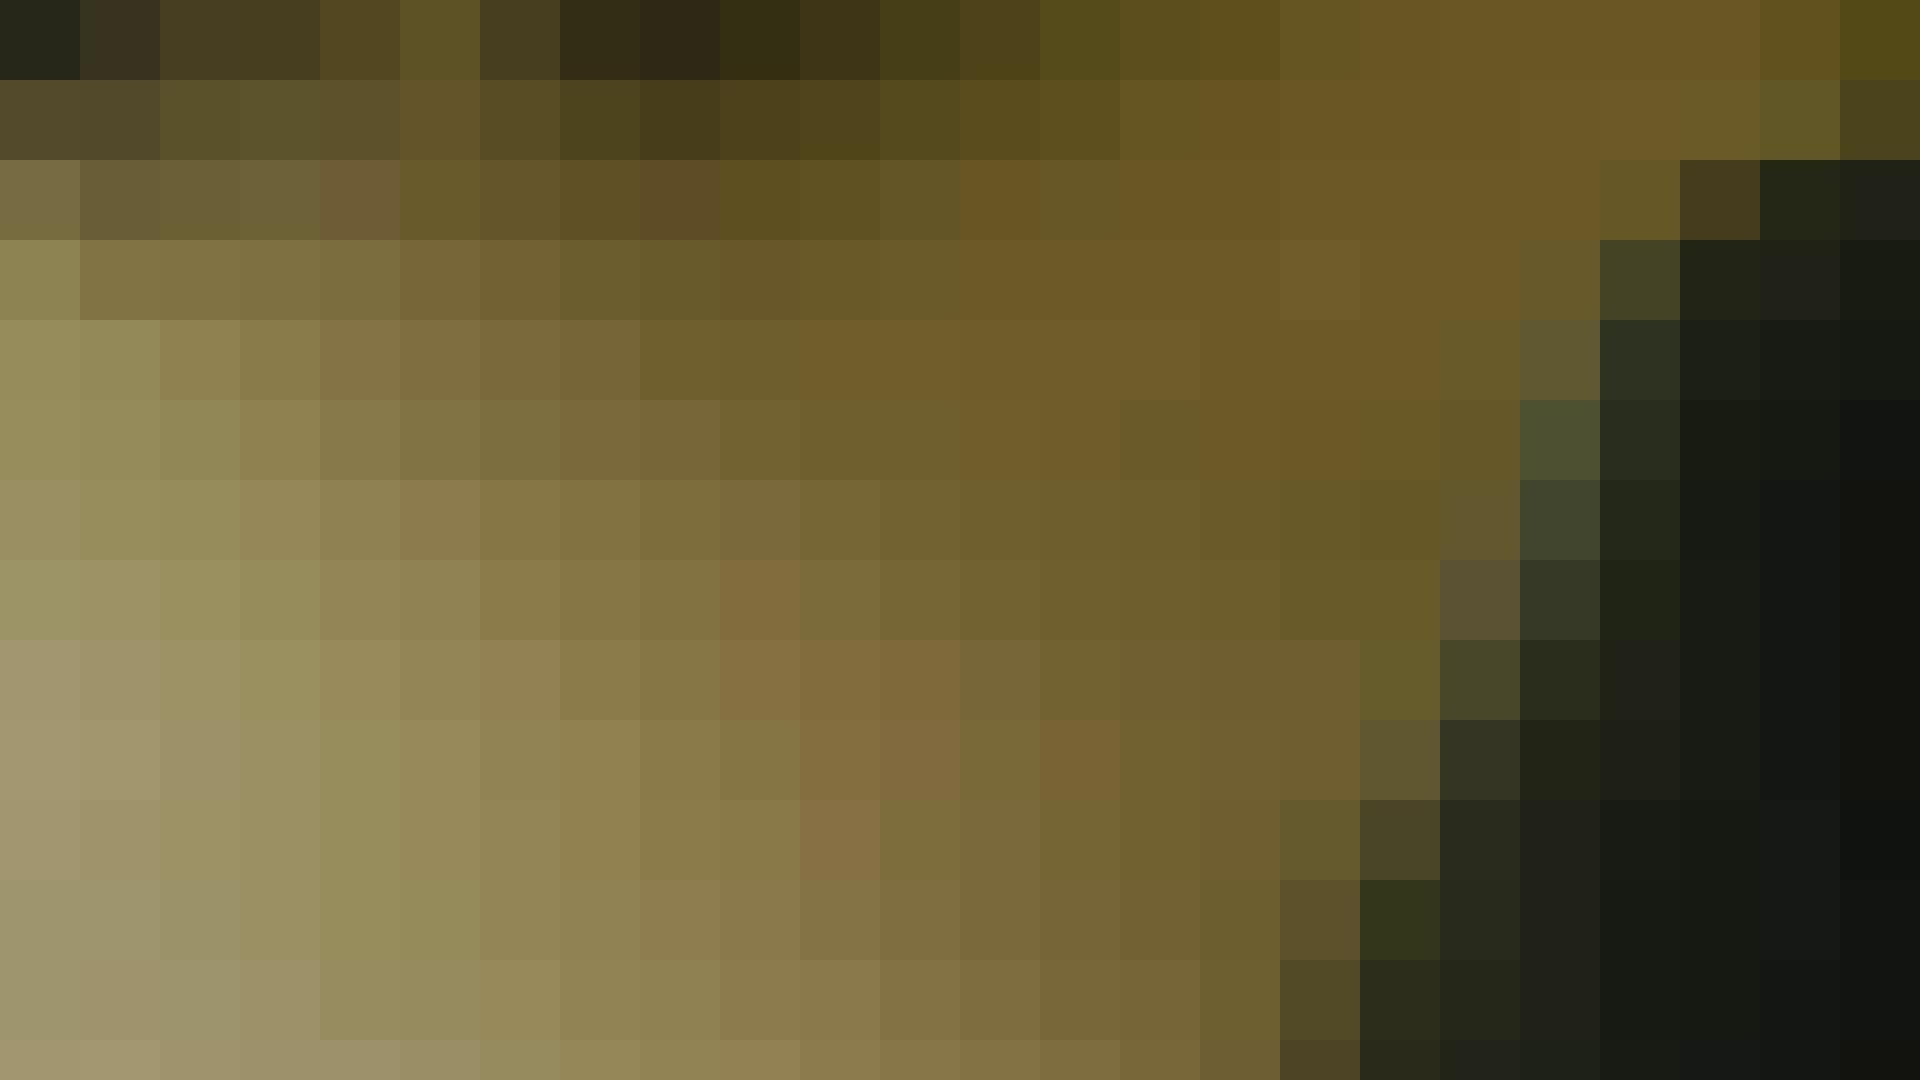 世界の射窓から vol.42 可愛い顔して実は惨事な件 ギャル攻め 戯れ無修正画像 107画像 107